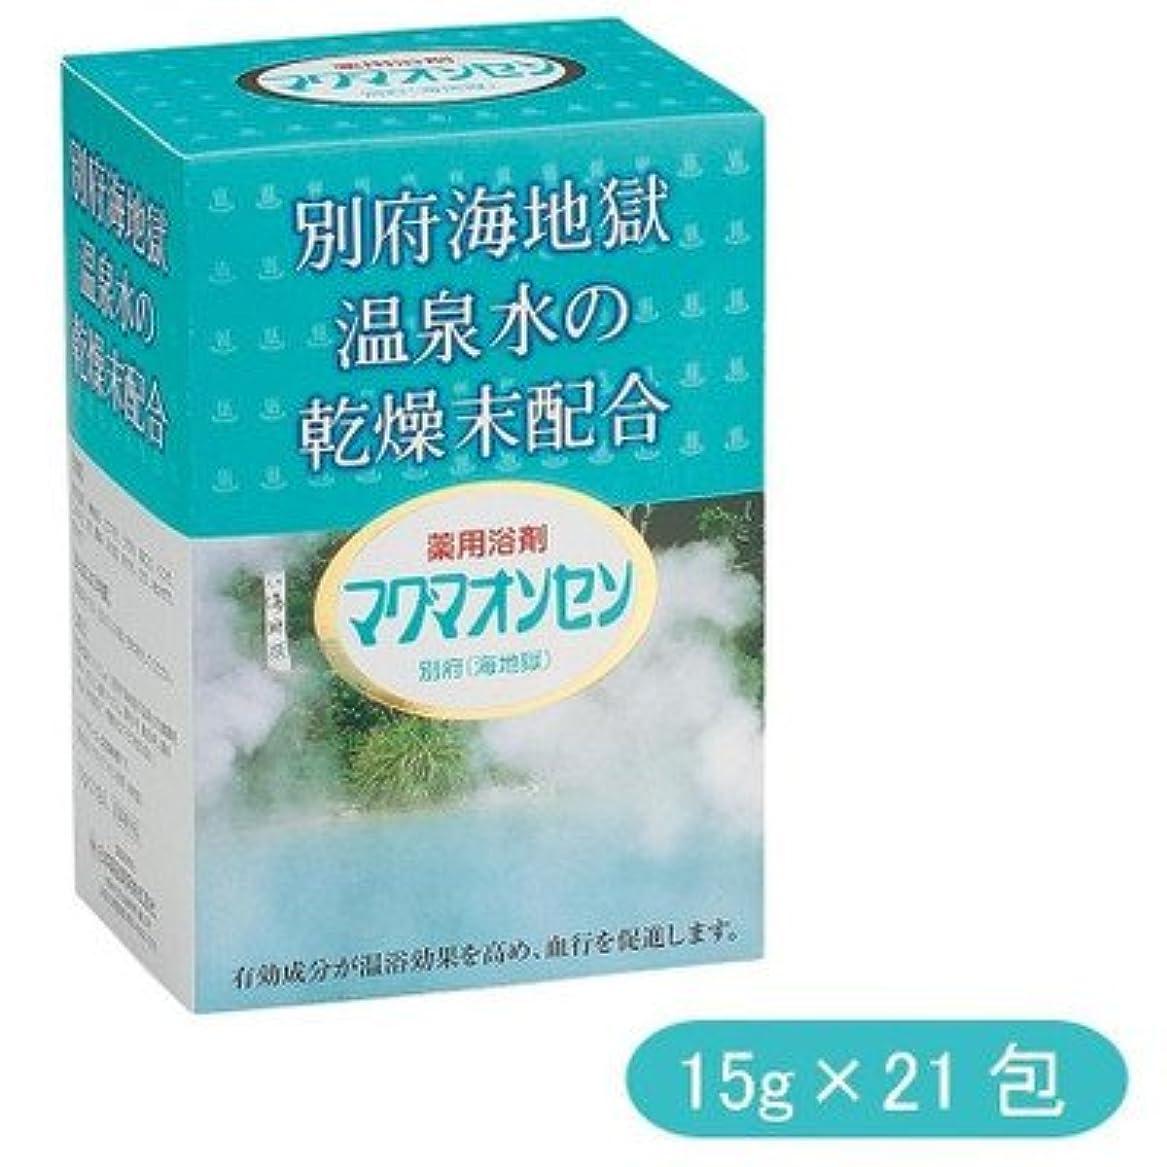 ほめるマリン艦隊日本薬品開発 医薬部外品 薬用入浴剤 マグマオンセン 15g×21P 800770